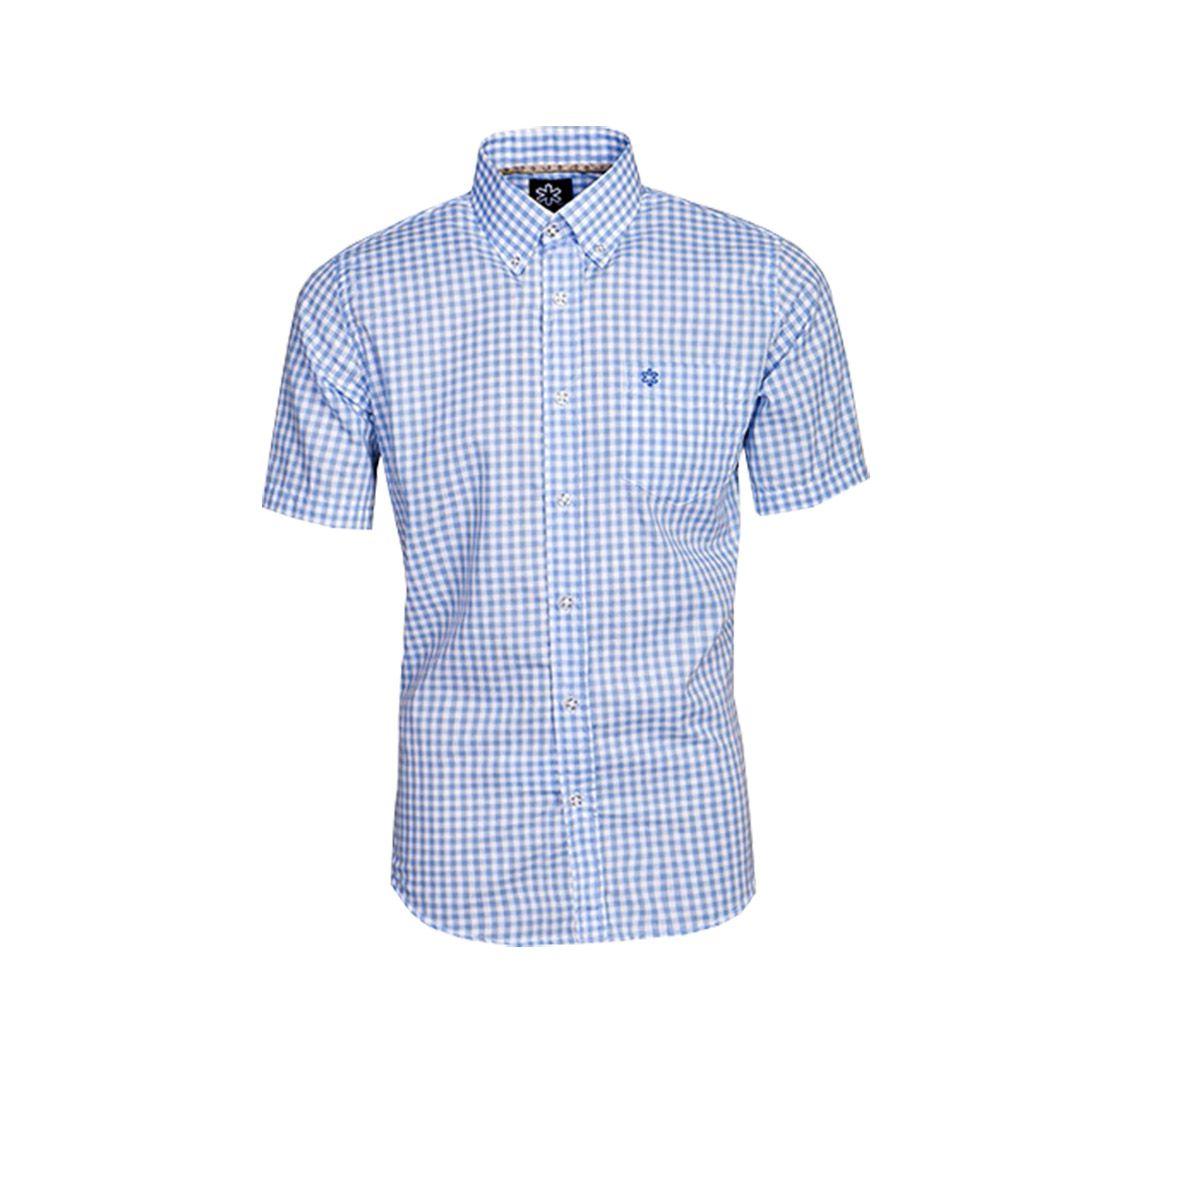 Camisa Tuff Manga Curta Xadrez Azul Claro Logo Azul